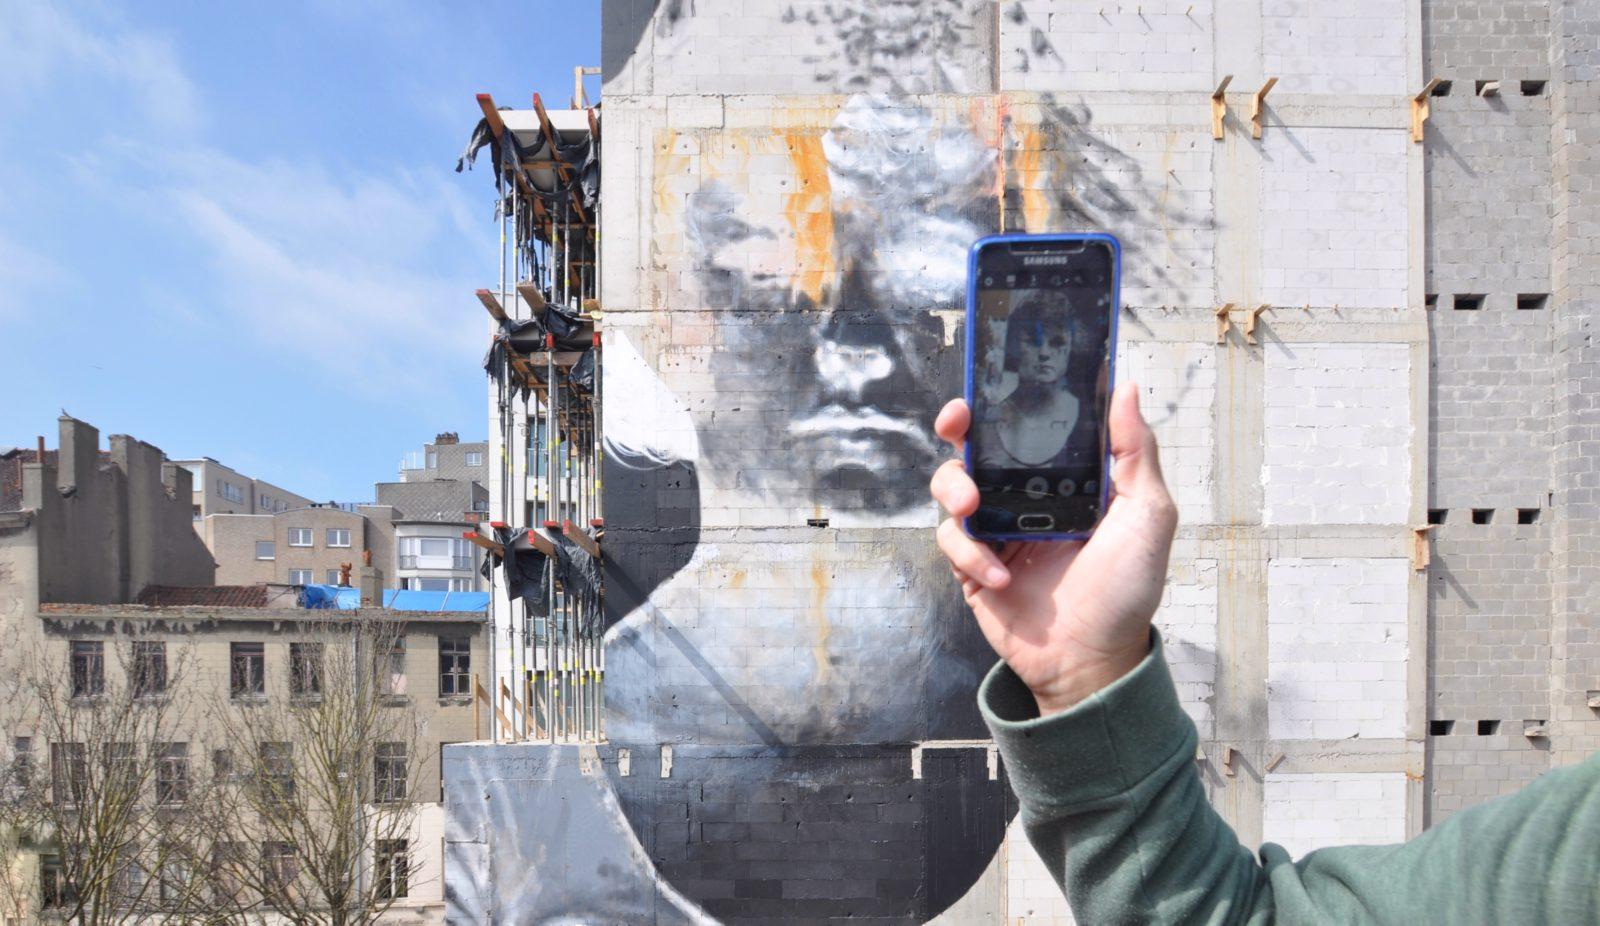 bosoletti murale portrait femme telephone streetart peinture - Les peintures murales de Bosoletti se révèlent en négatif